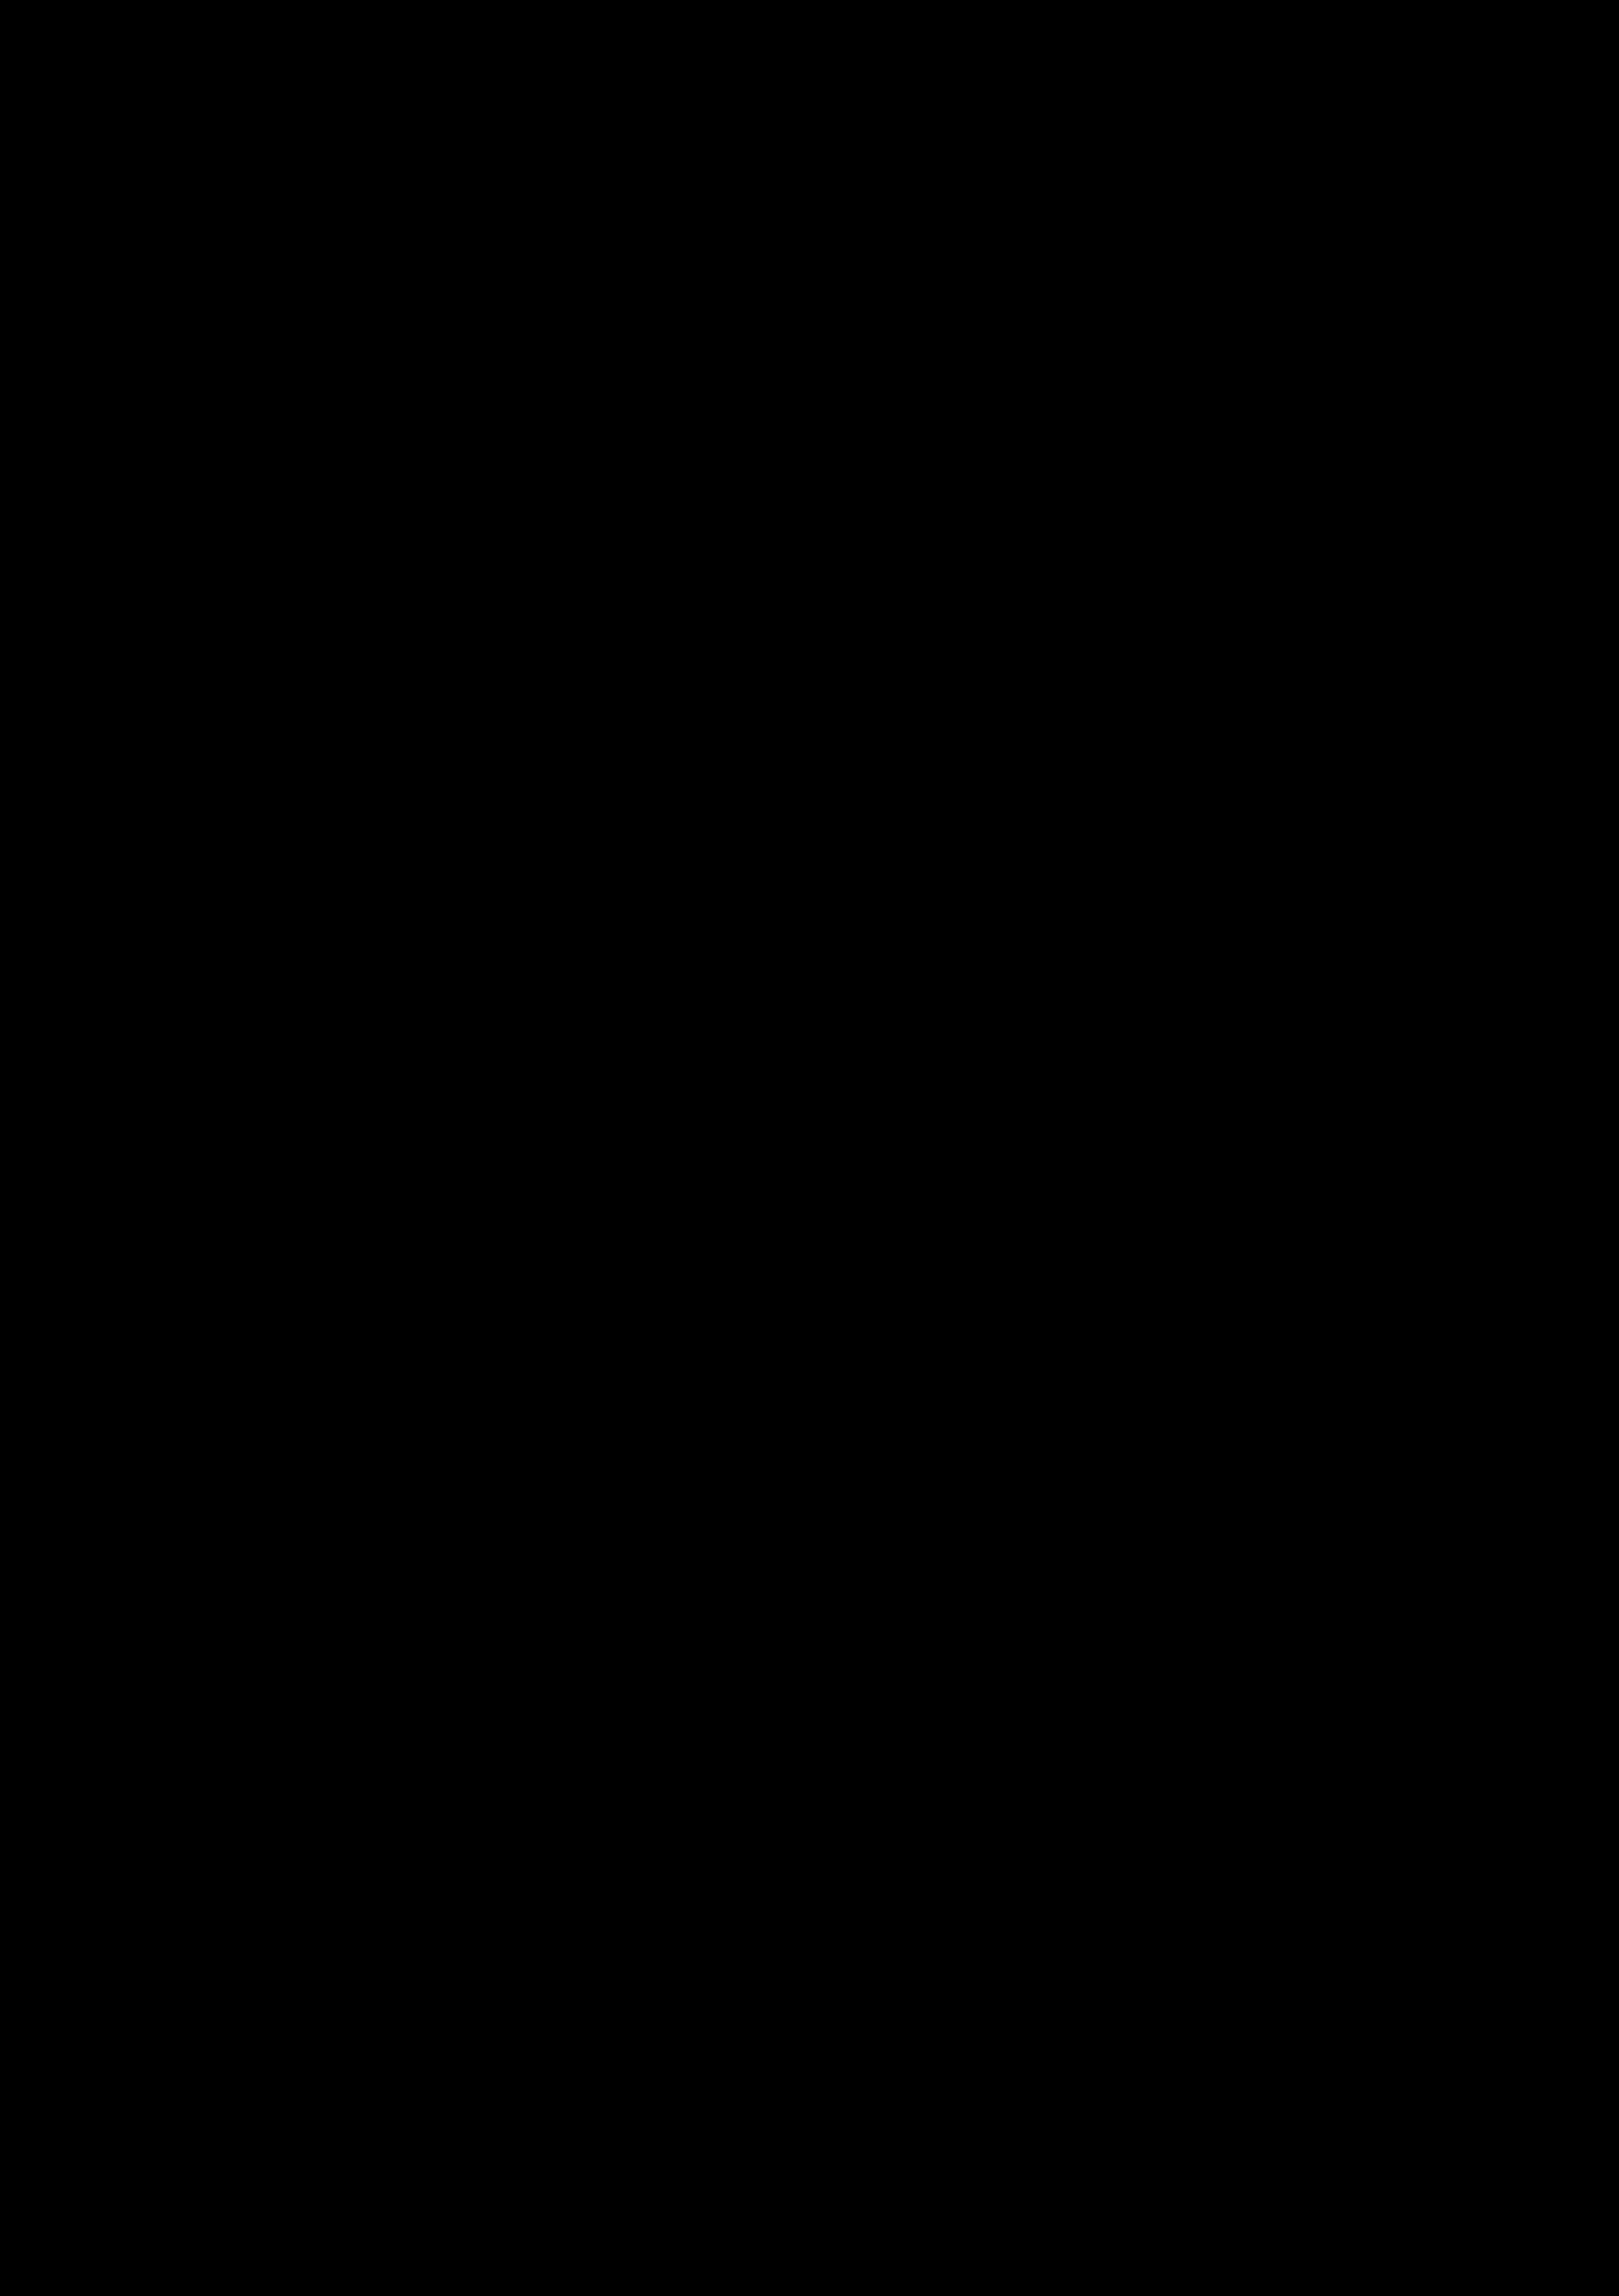 20191112_하나되게하소서(2020한울교회기도노래)_악보용(조옮김)-1.png